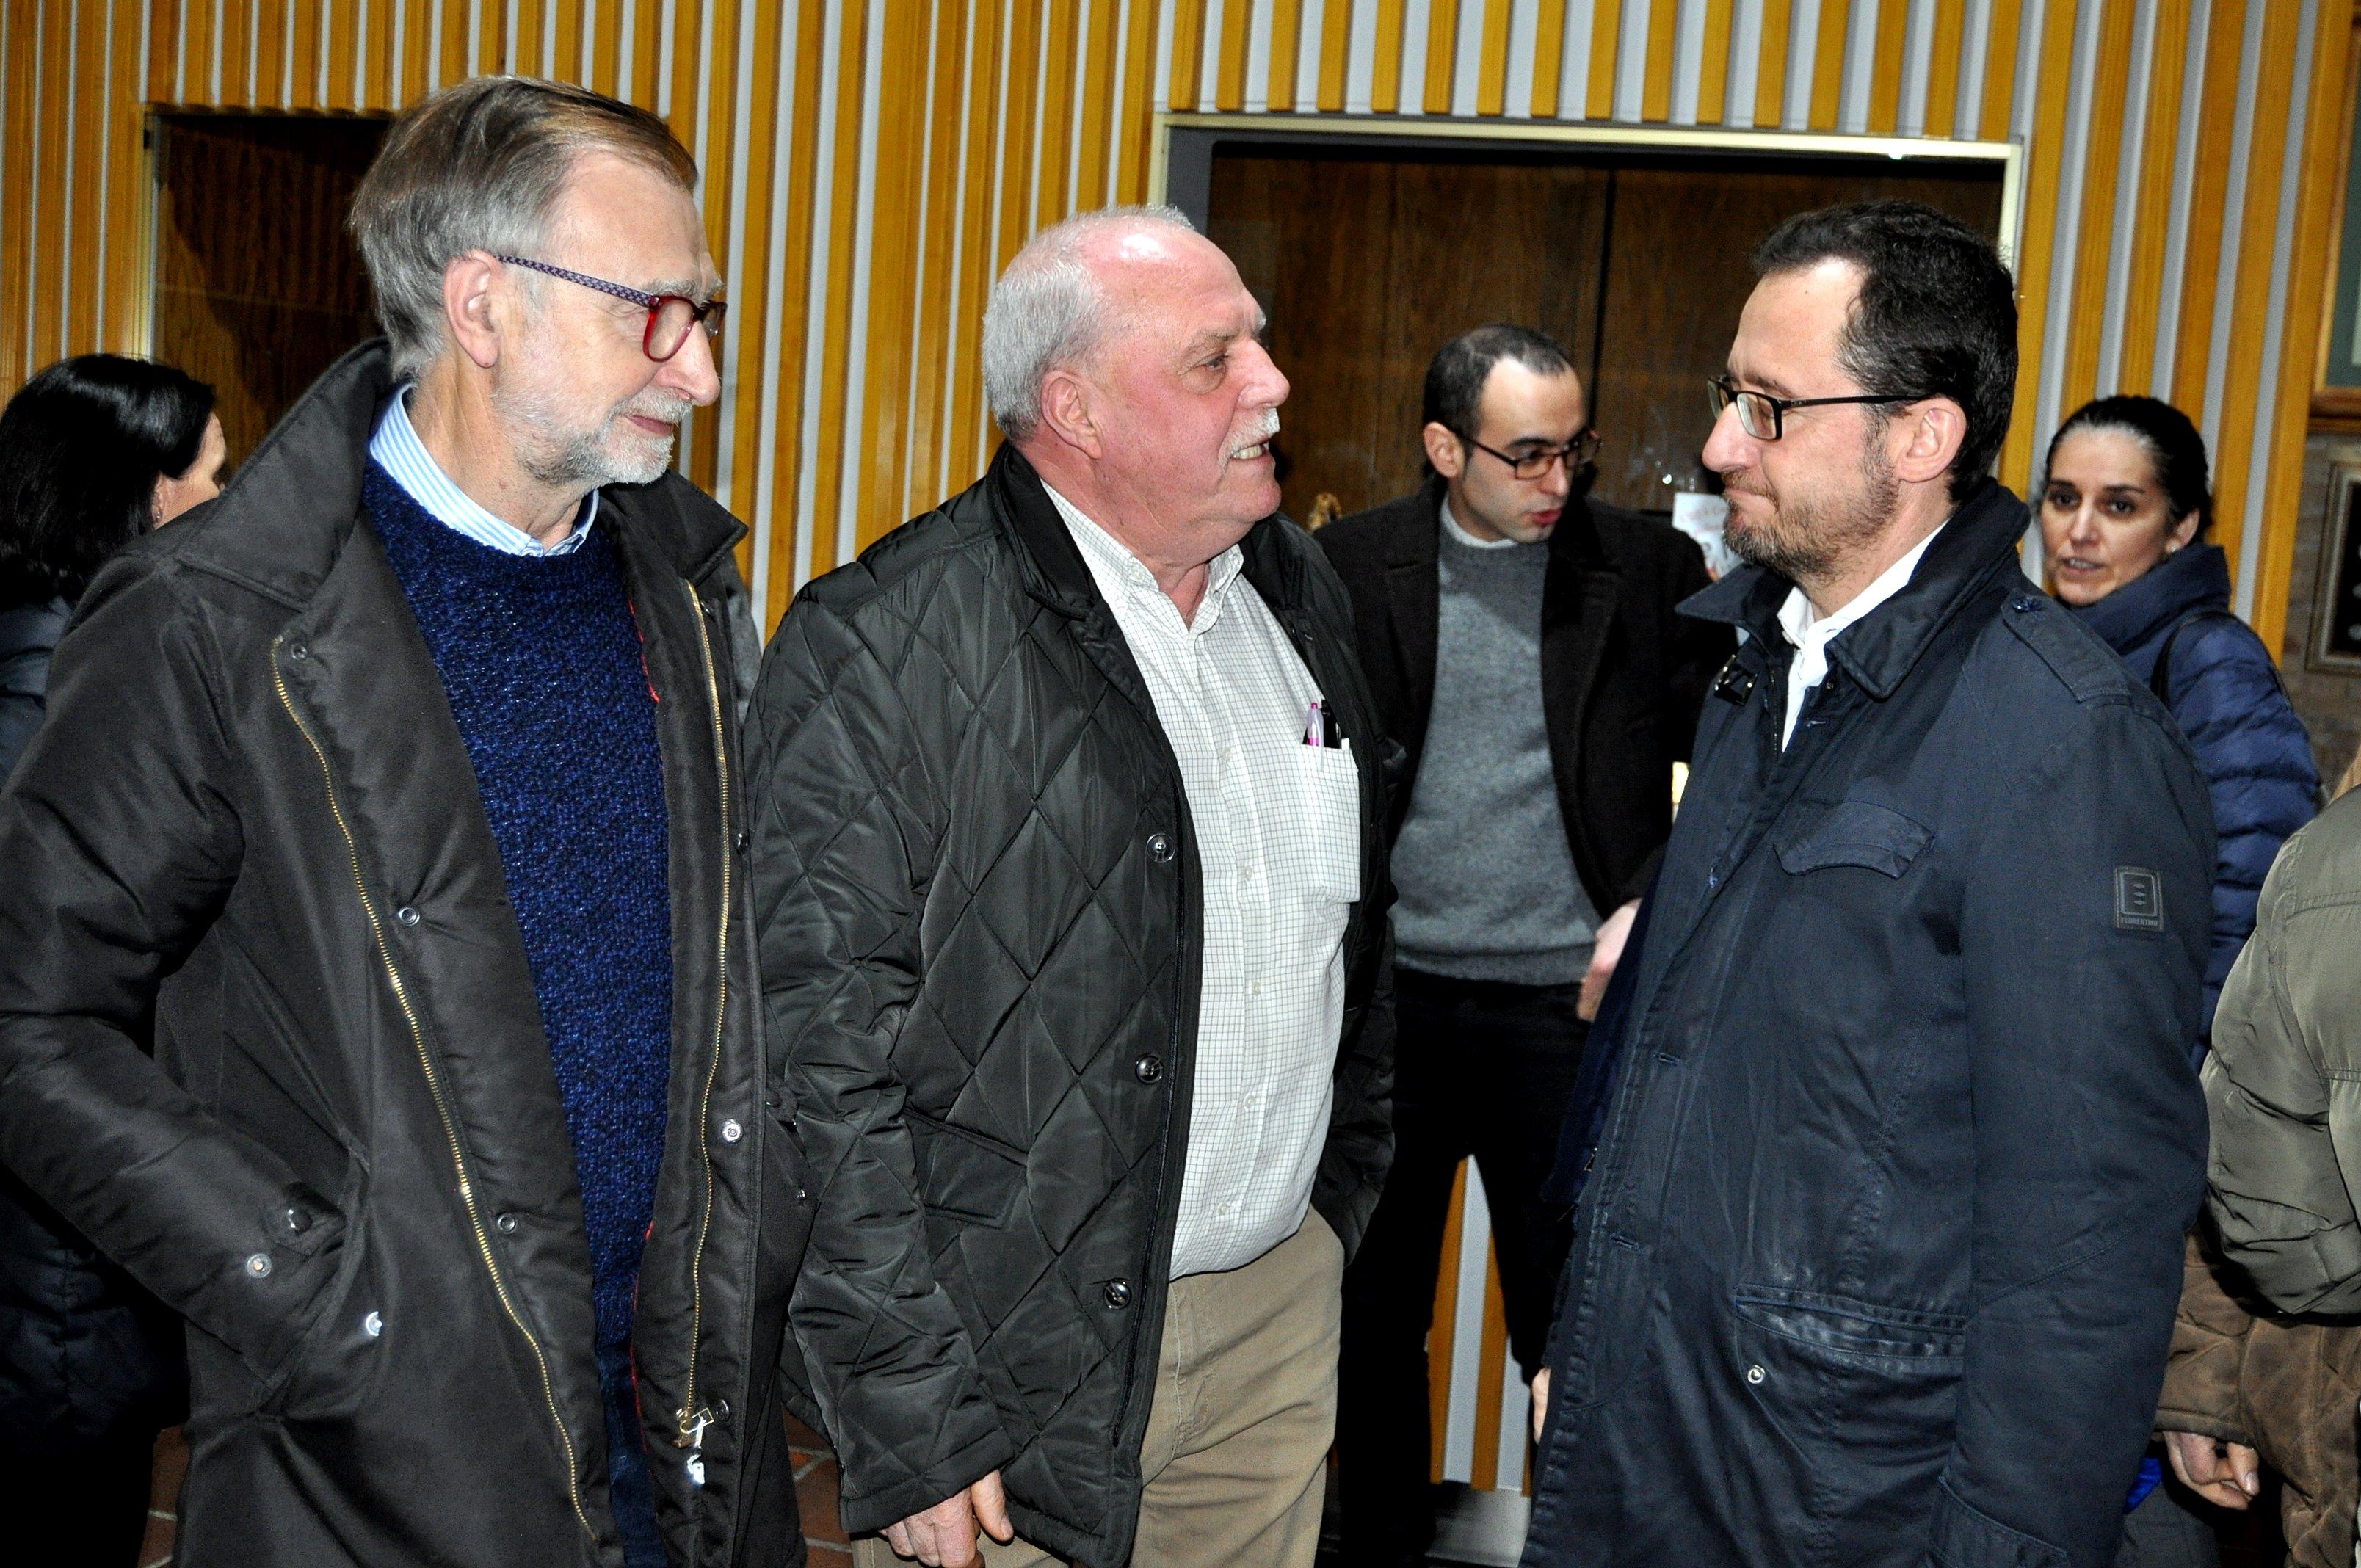 El alcalde de La Ercina y el concejal de Cistierna charlan con el Director General de Patrimonio.